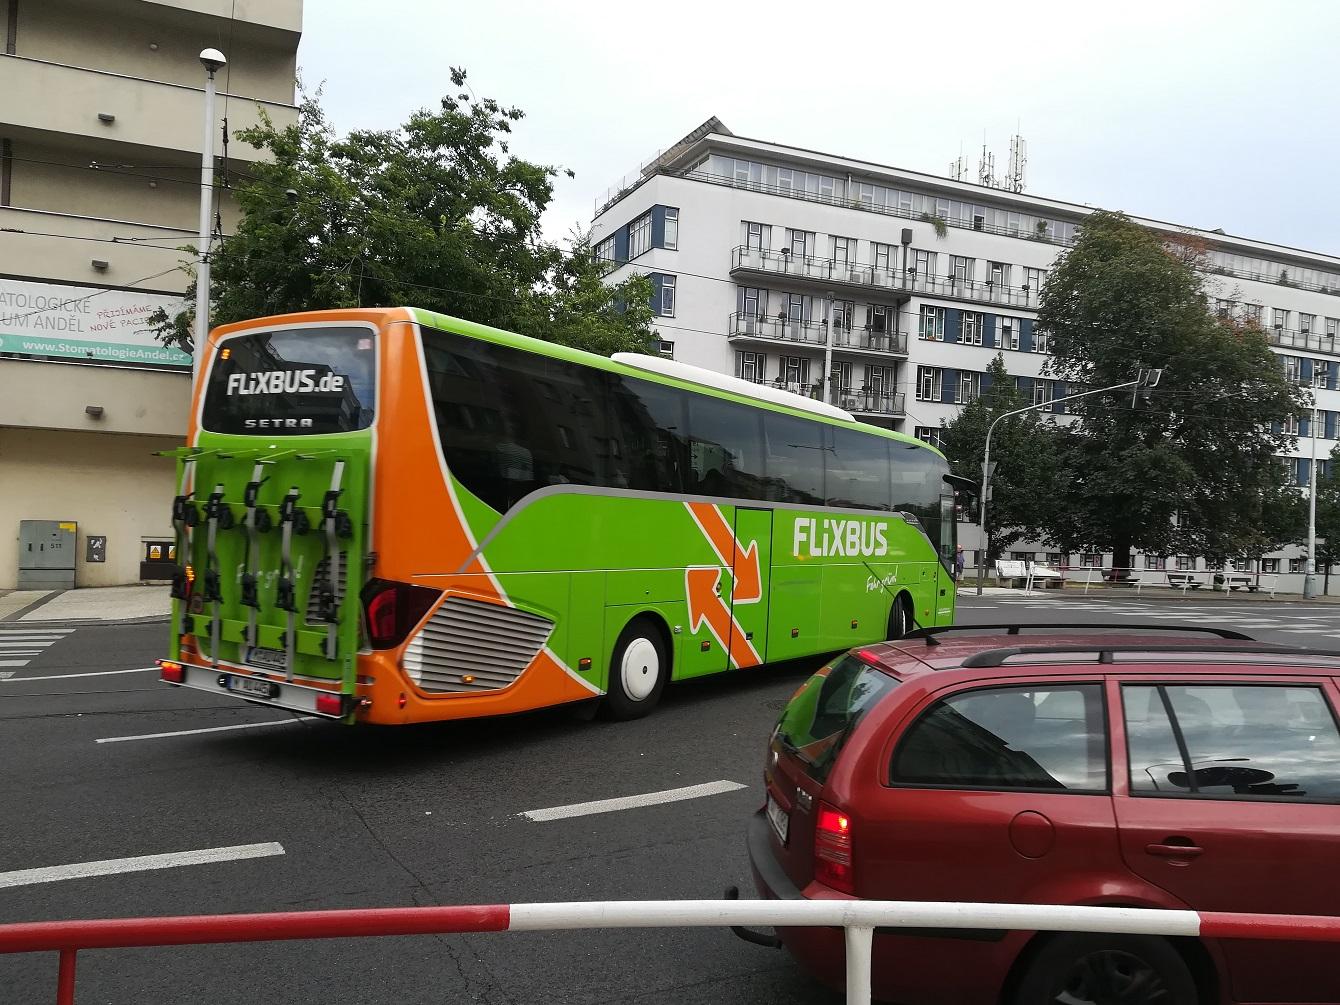 Autobusový dopravce FlixBus se chystá vstoupit na burzu, chce získat kapitál na další expanzi